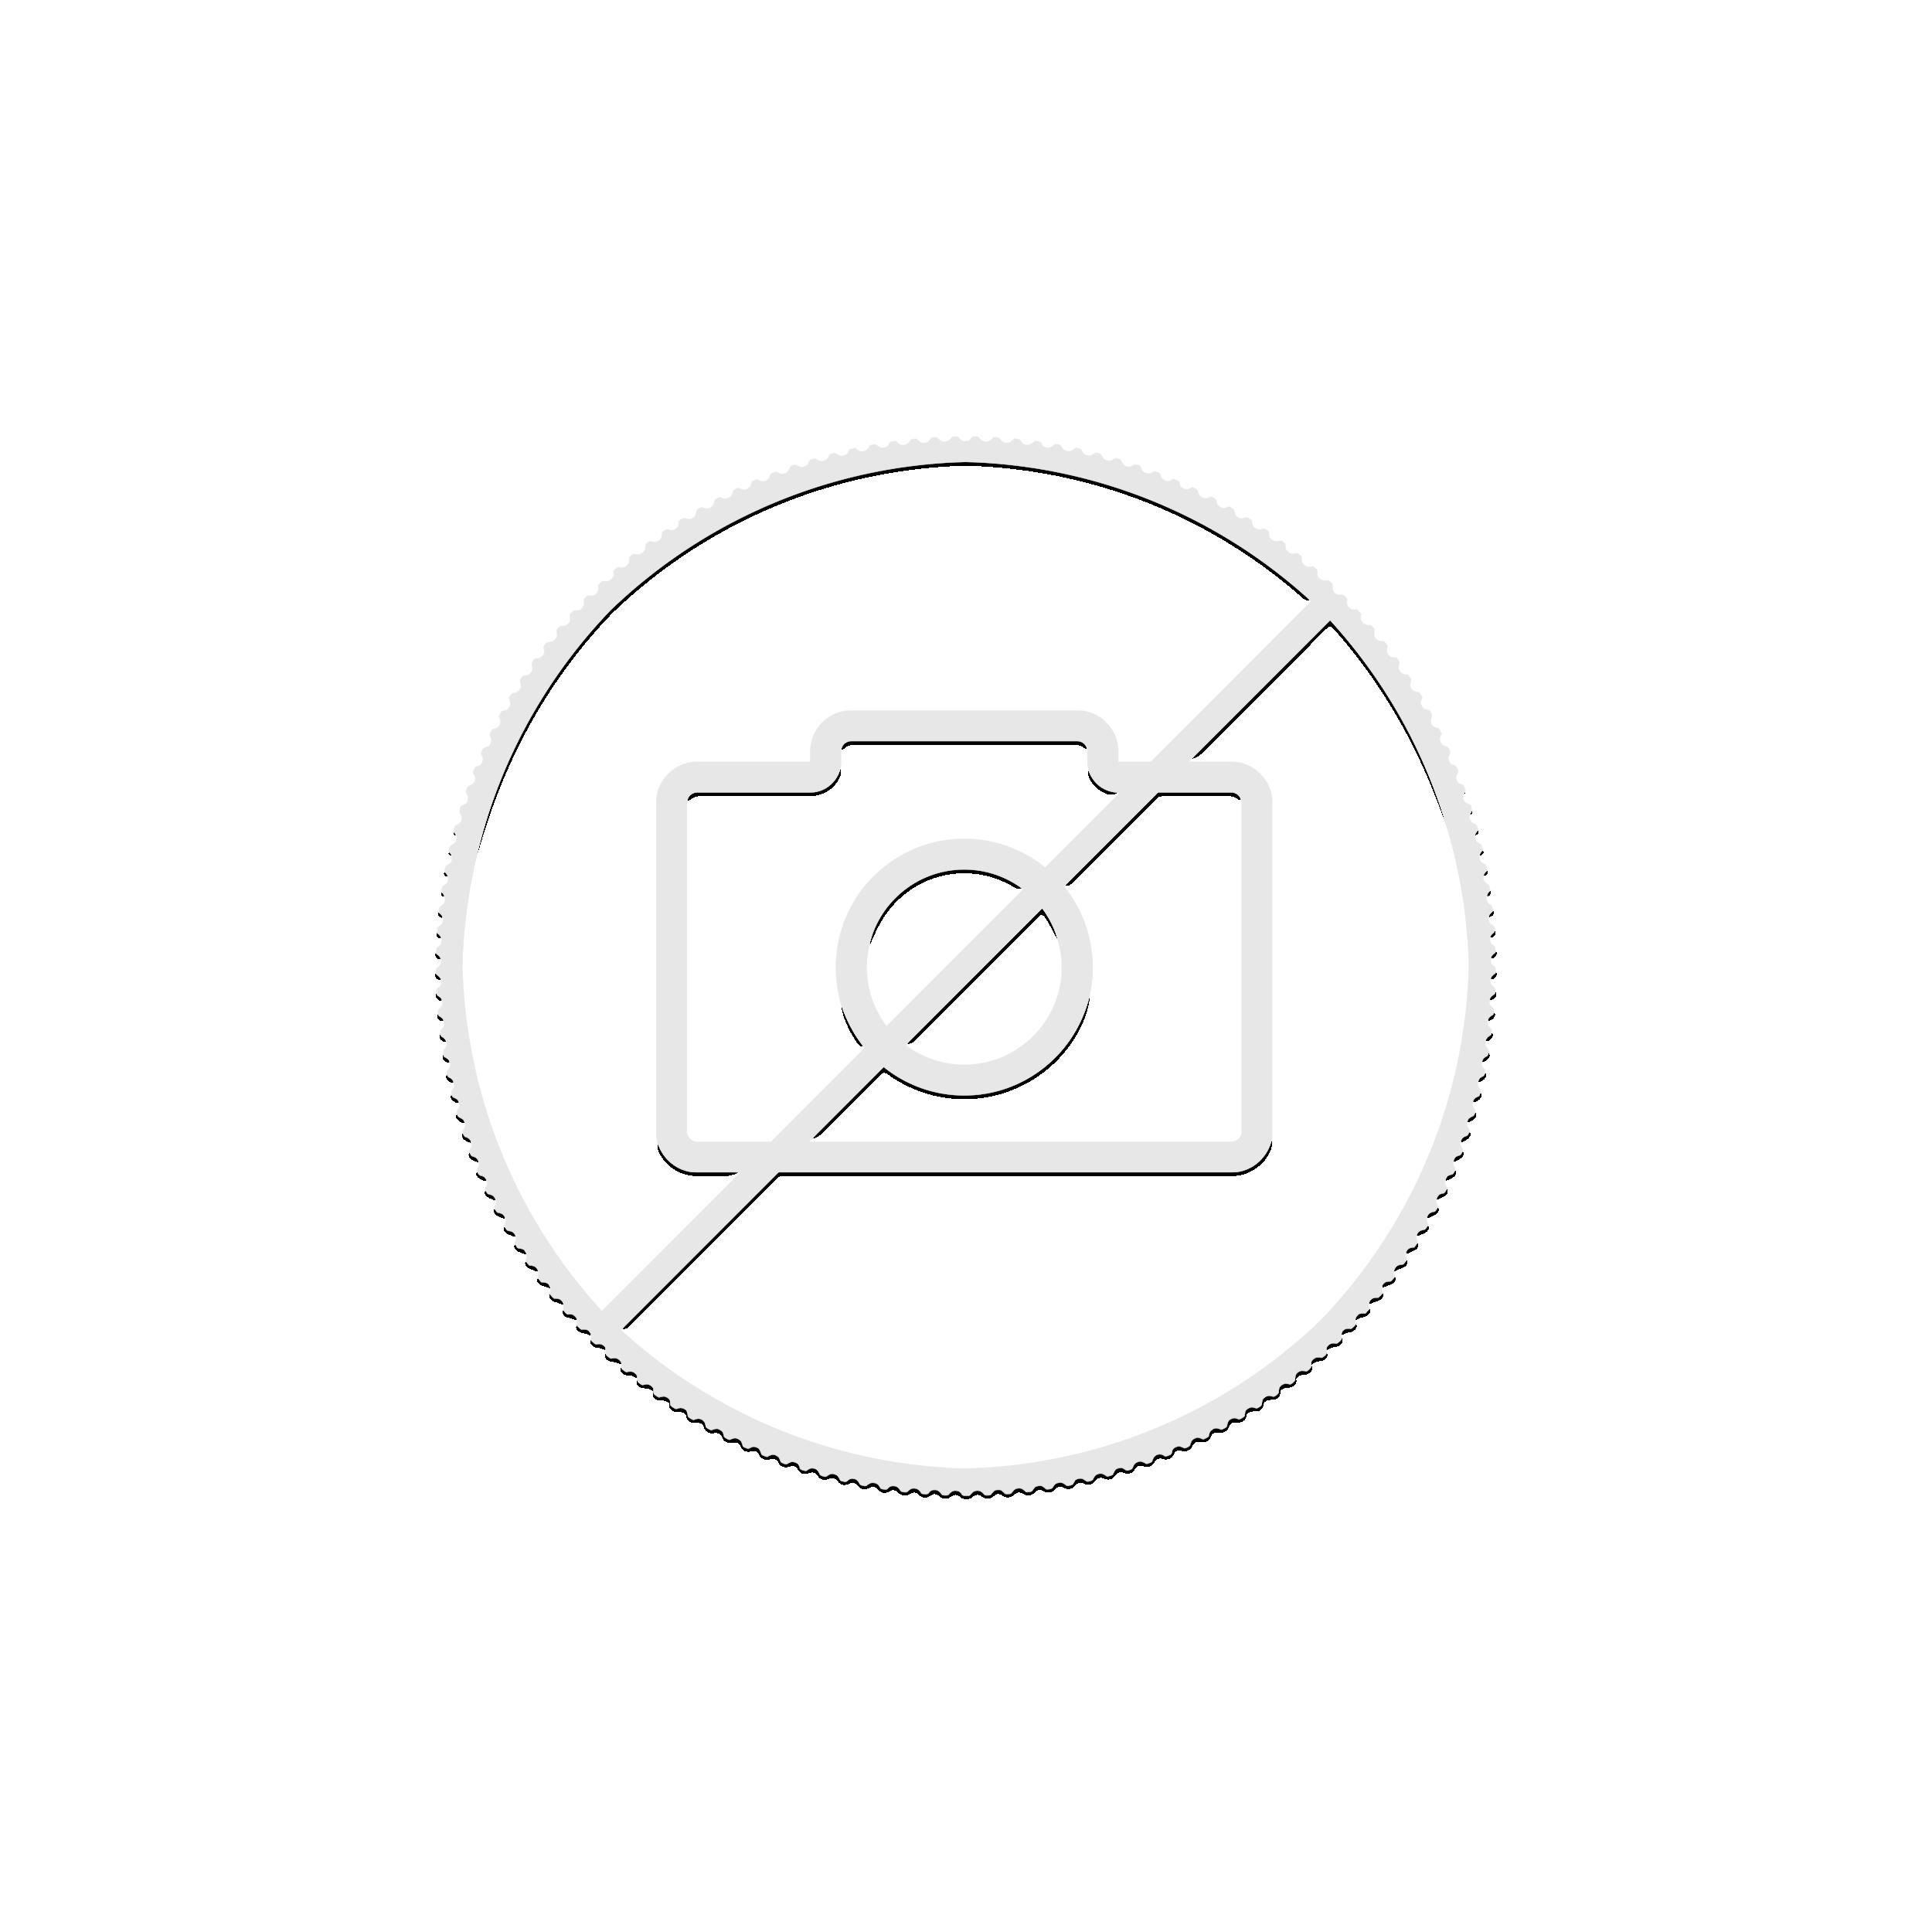 1 Kilo Kookaburra Silver Coin 1992 Buy Silver Kookaburra Coins Online The Silver Mountain